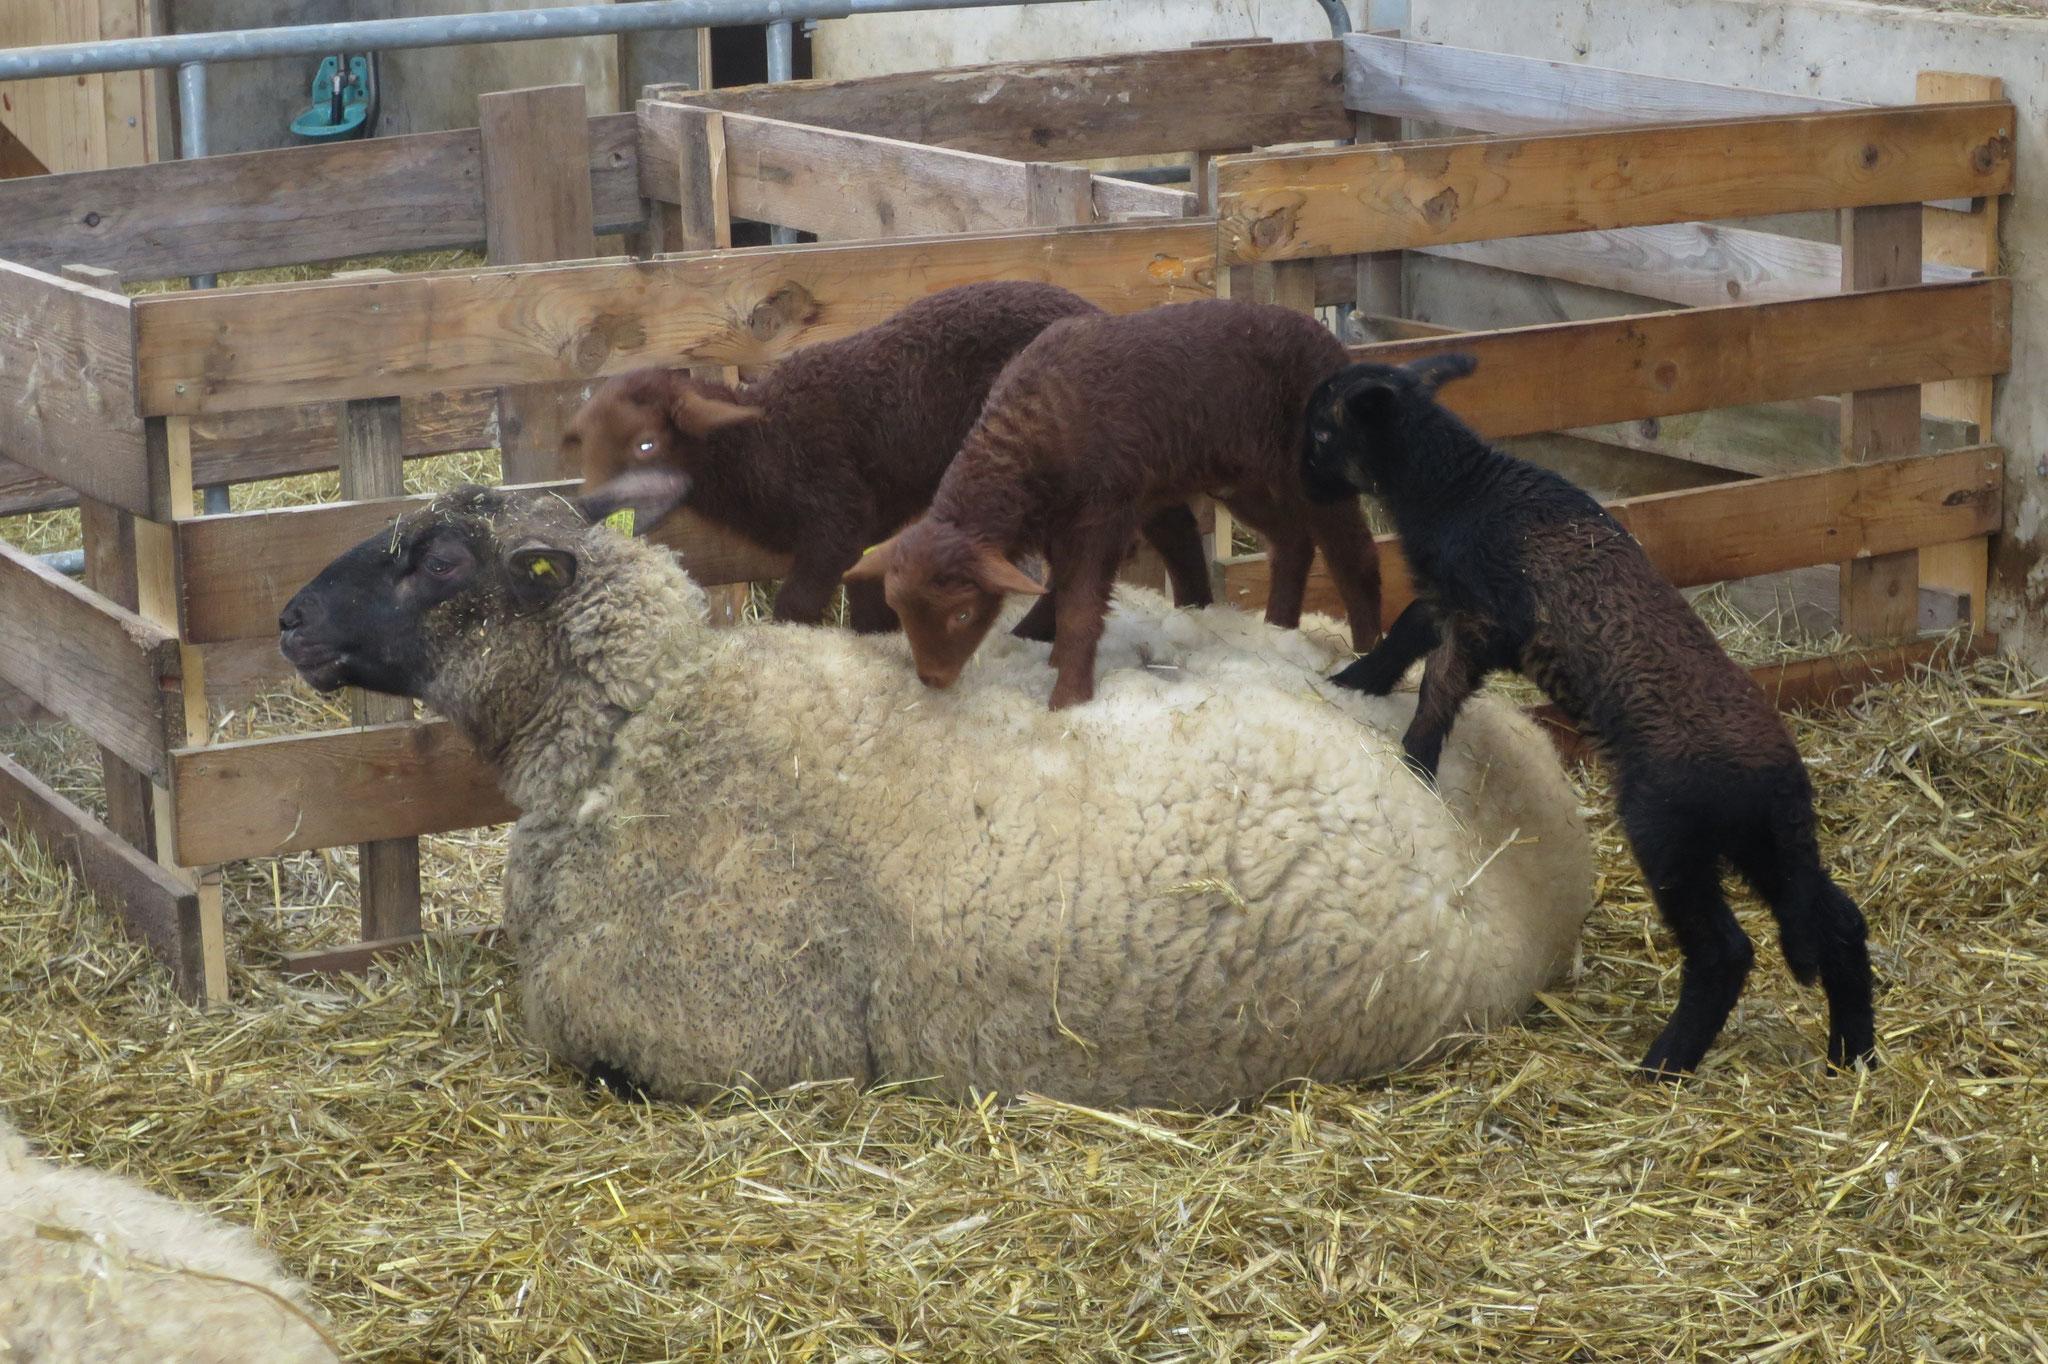 März - Die frisch geborenen Lämmer erkunden ihre Umgebung.